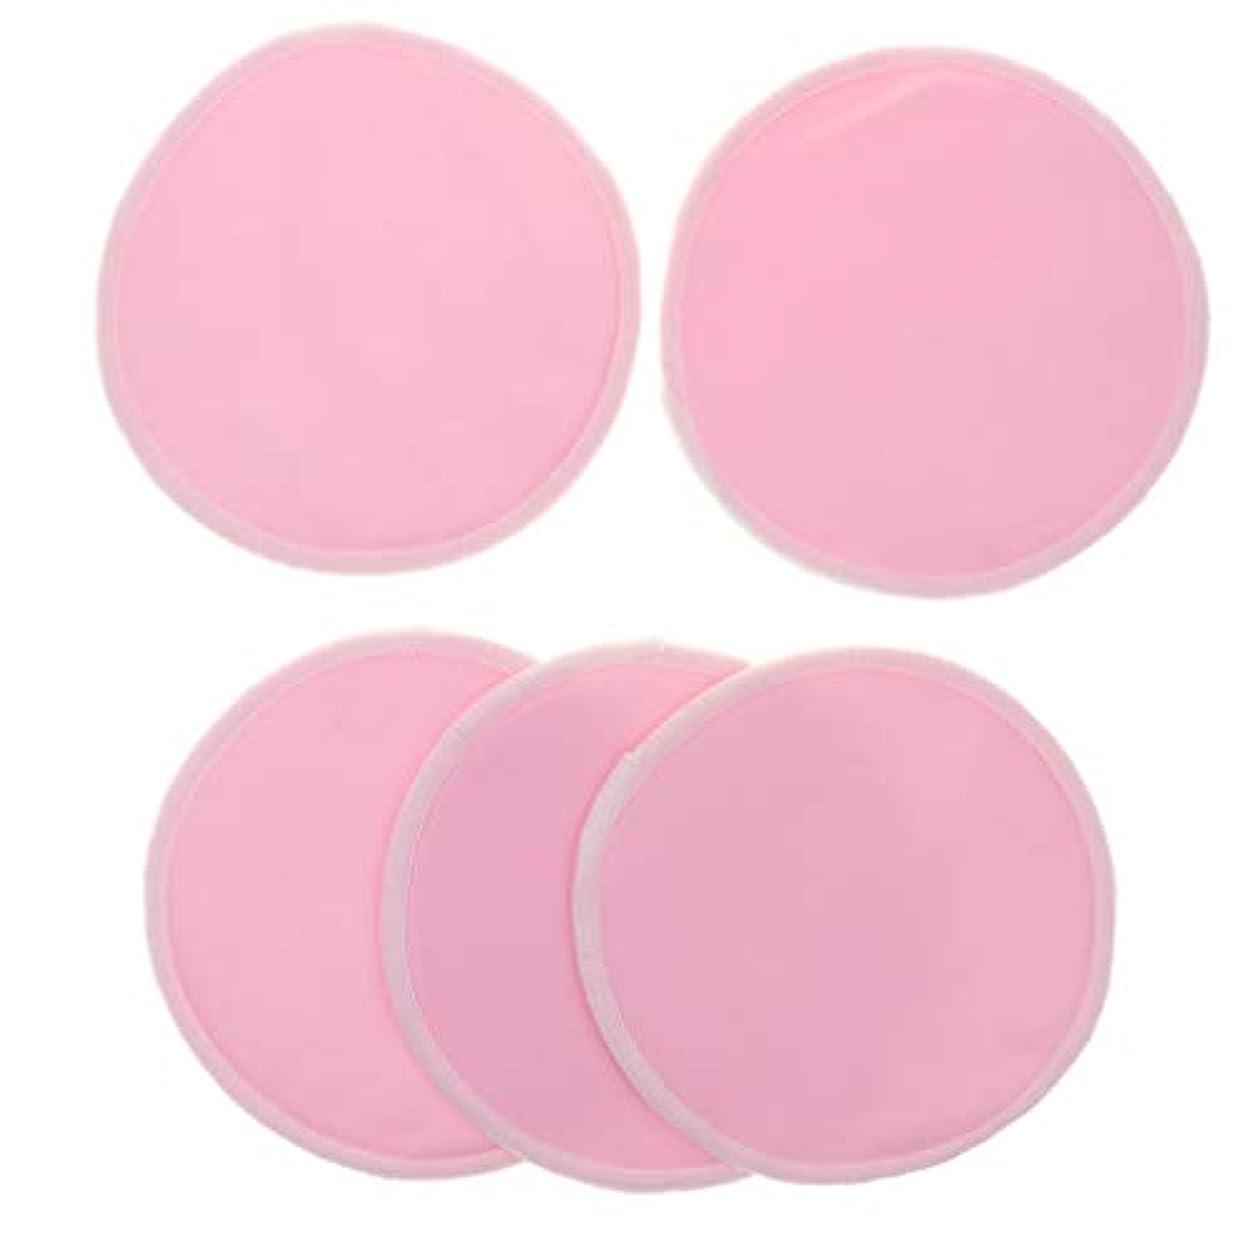 外側ダブル地上で12cm 胸パッド クレンジングシート 化粧水パッド 竹繊維 円形 洗える 通気性 5個 全5色 - ピンク